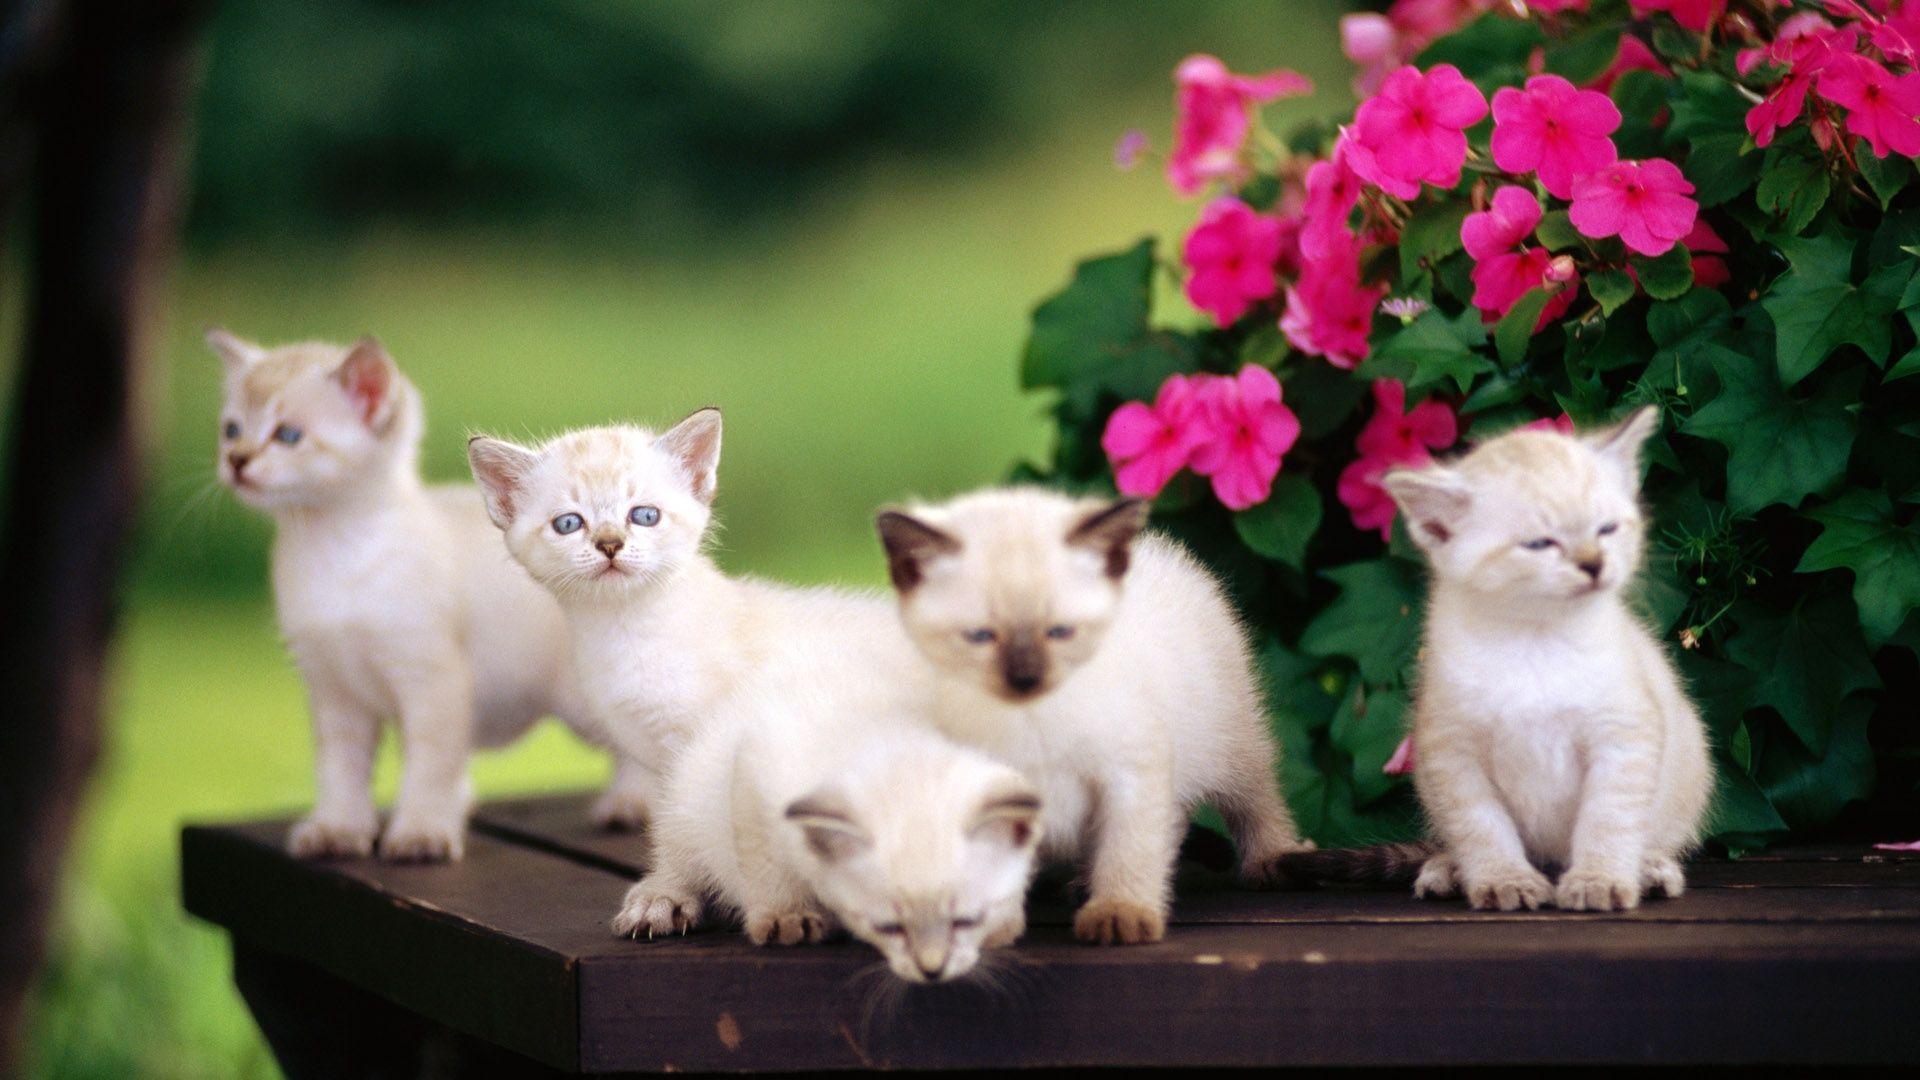 1920x1080 Cute Little Kittens Blue Eyes Hd Wallpapers 1080p Cute